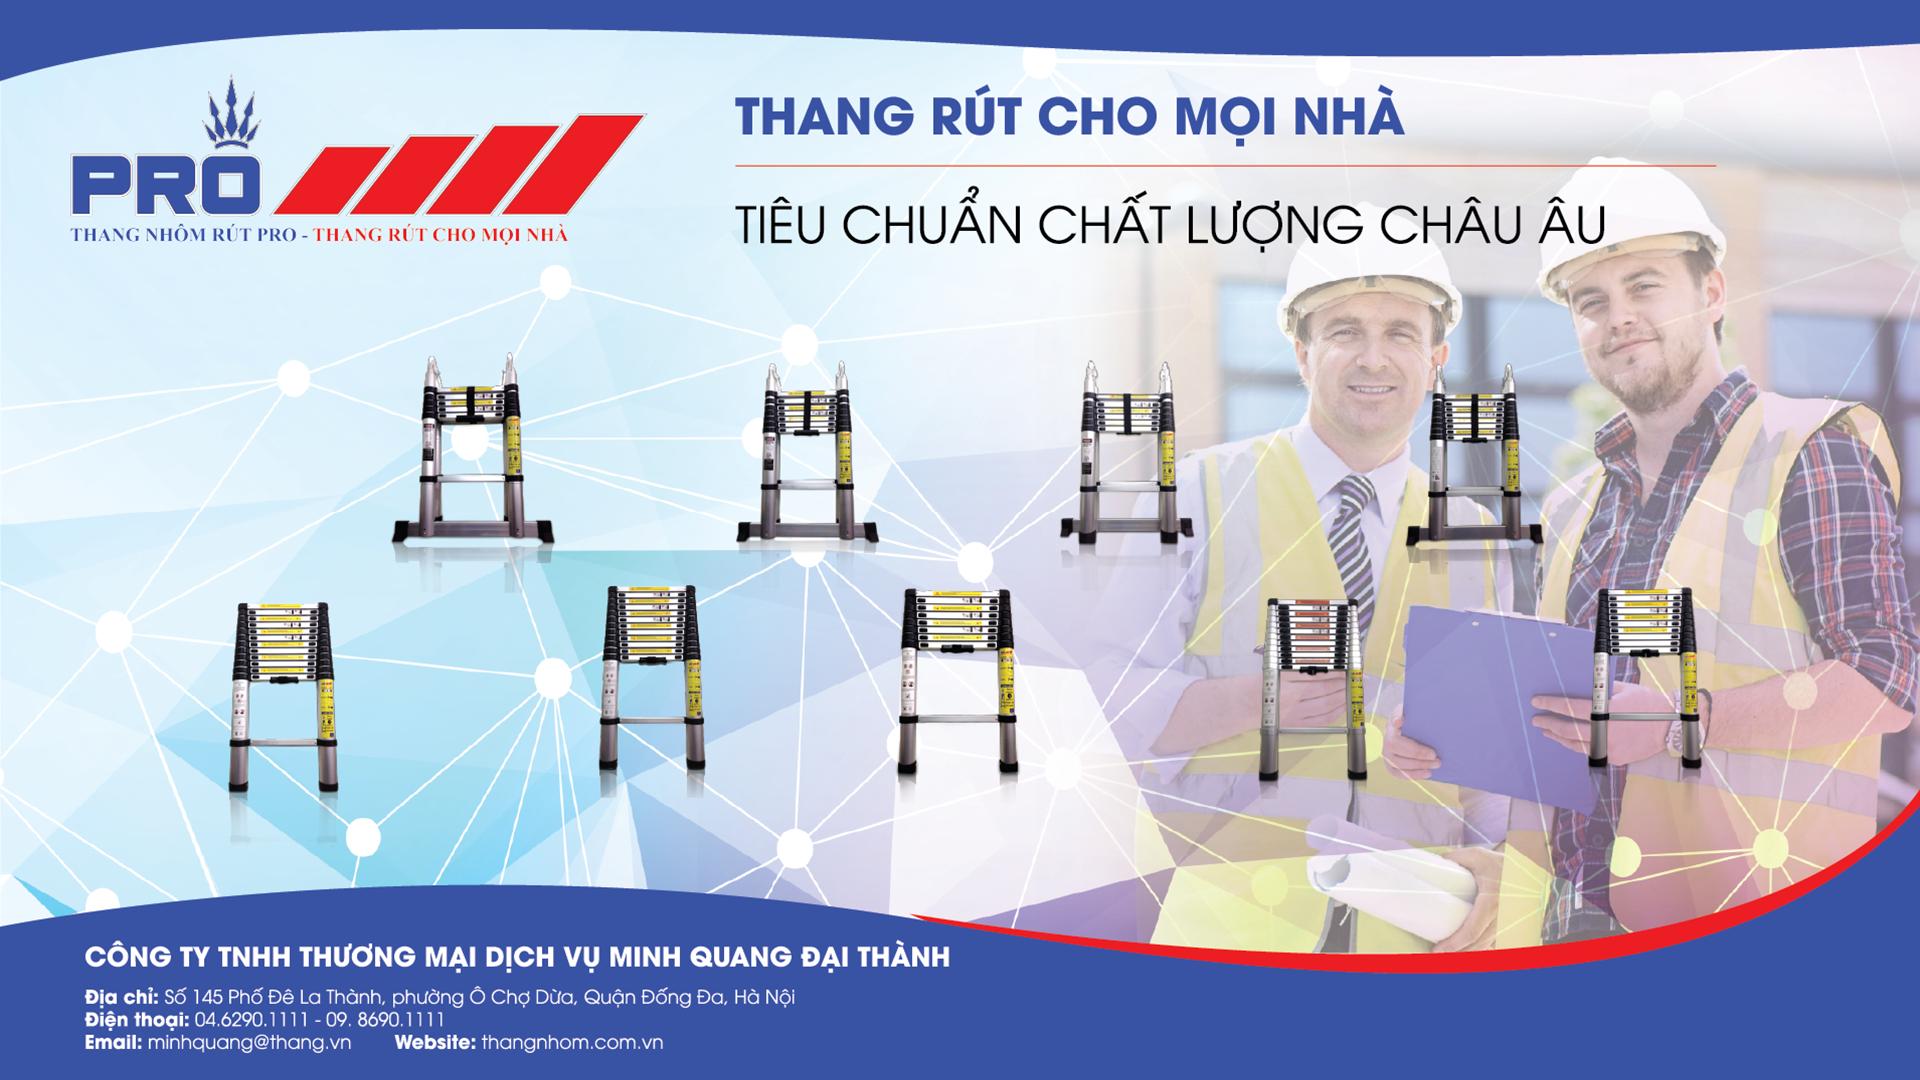 Qui chế hoạt động của thangnhom.com.vn